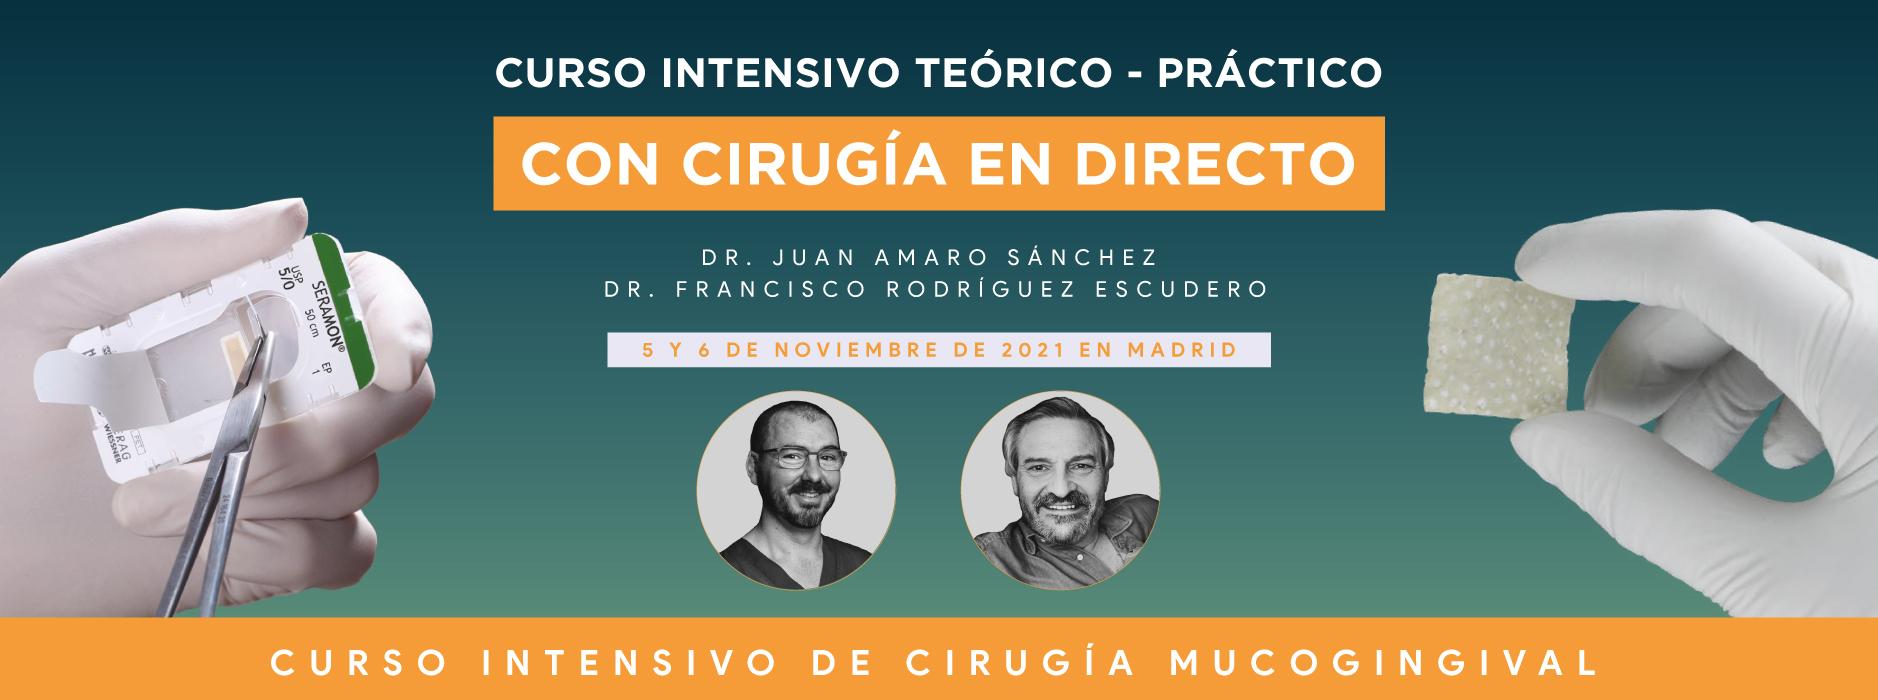 Curso intensivo de cirugía mucogingival y técnica de sutura